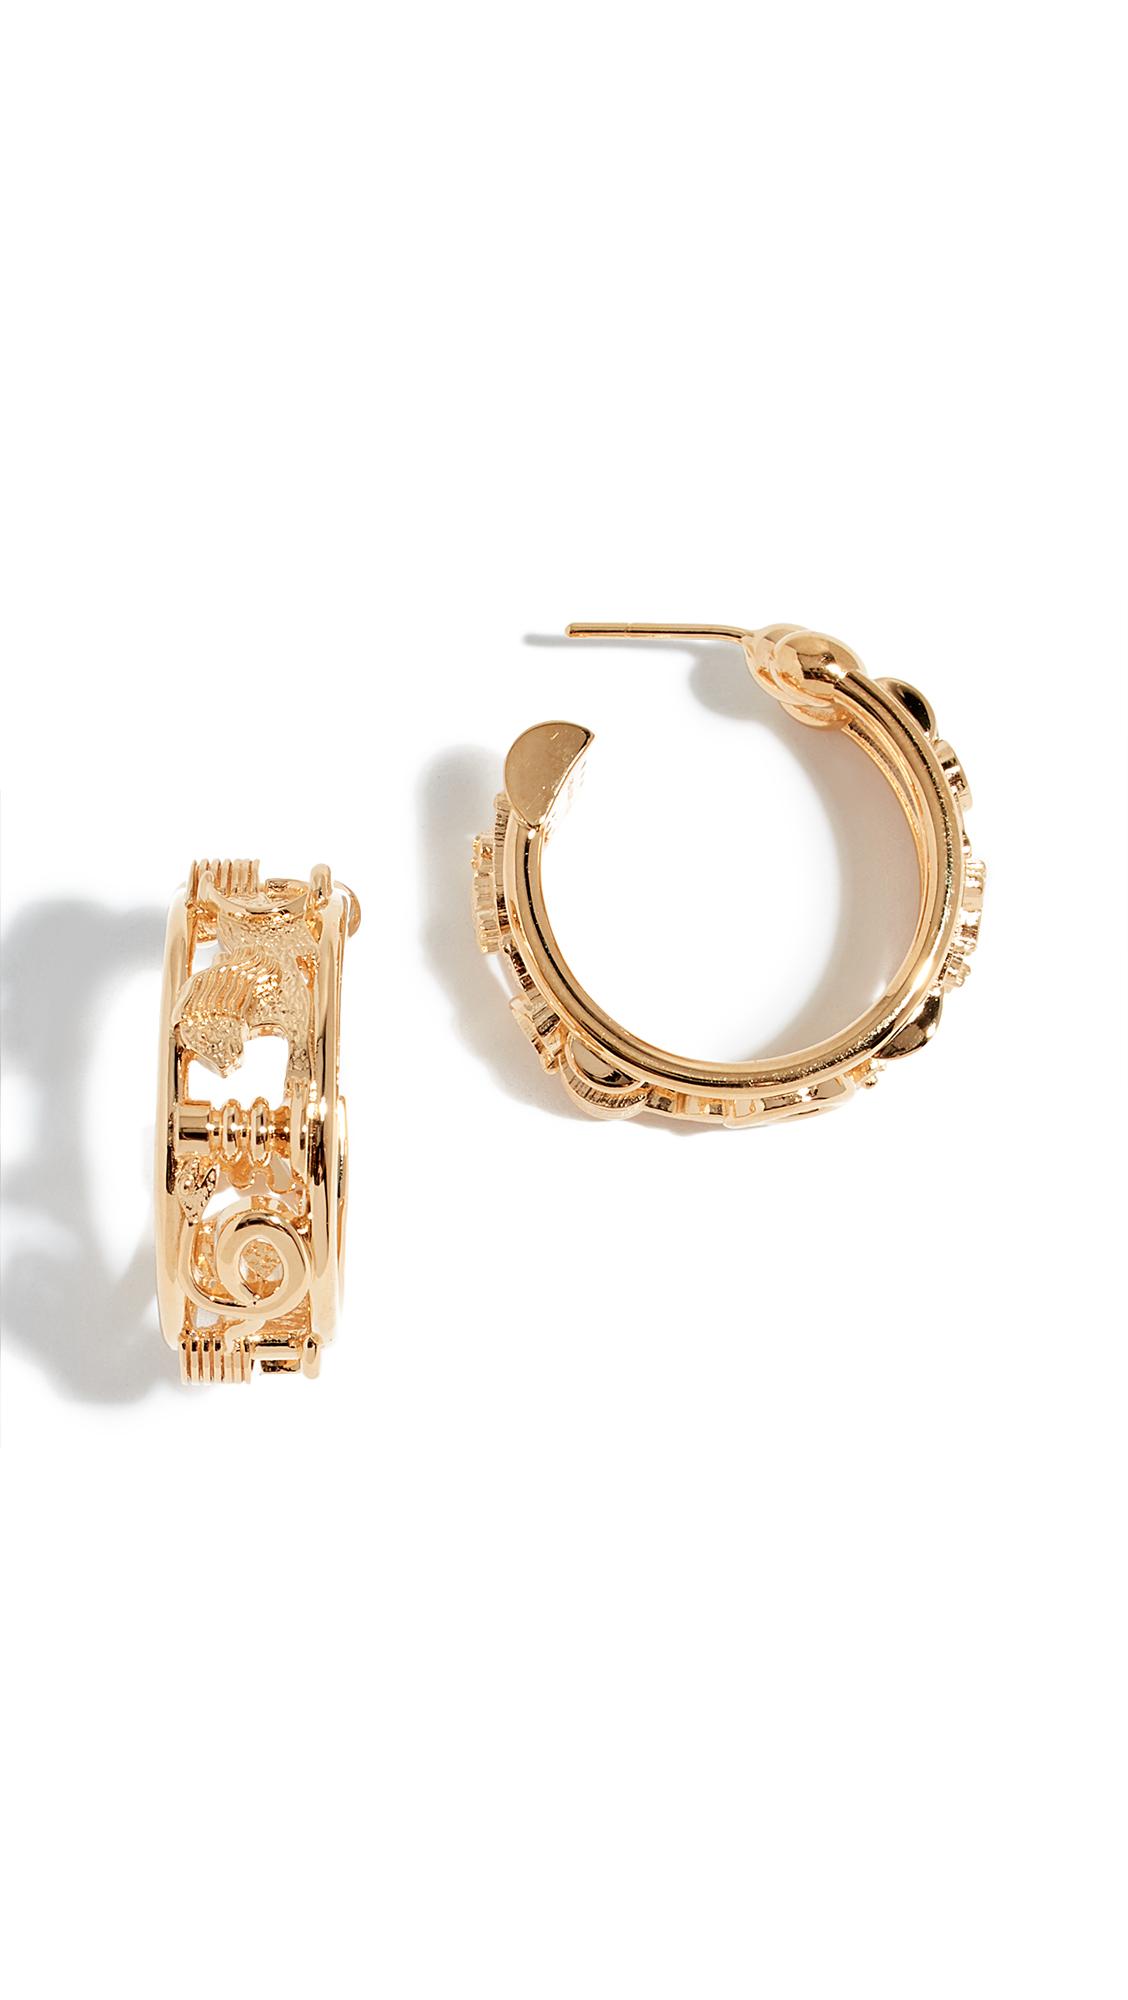 LUCY FOLK Sottsass Sphinx Hoop Earrings in Yellow Gold